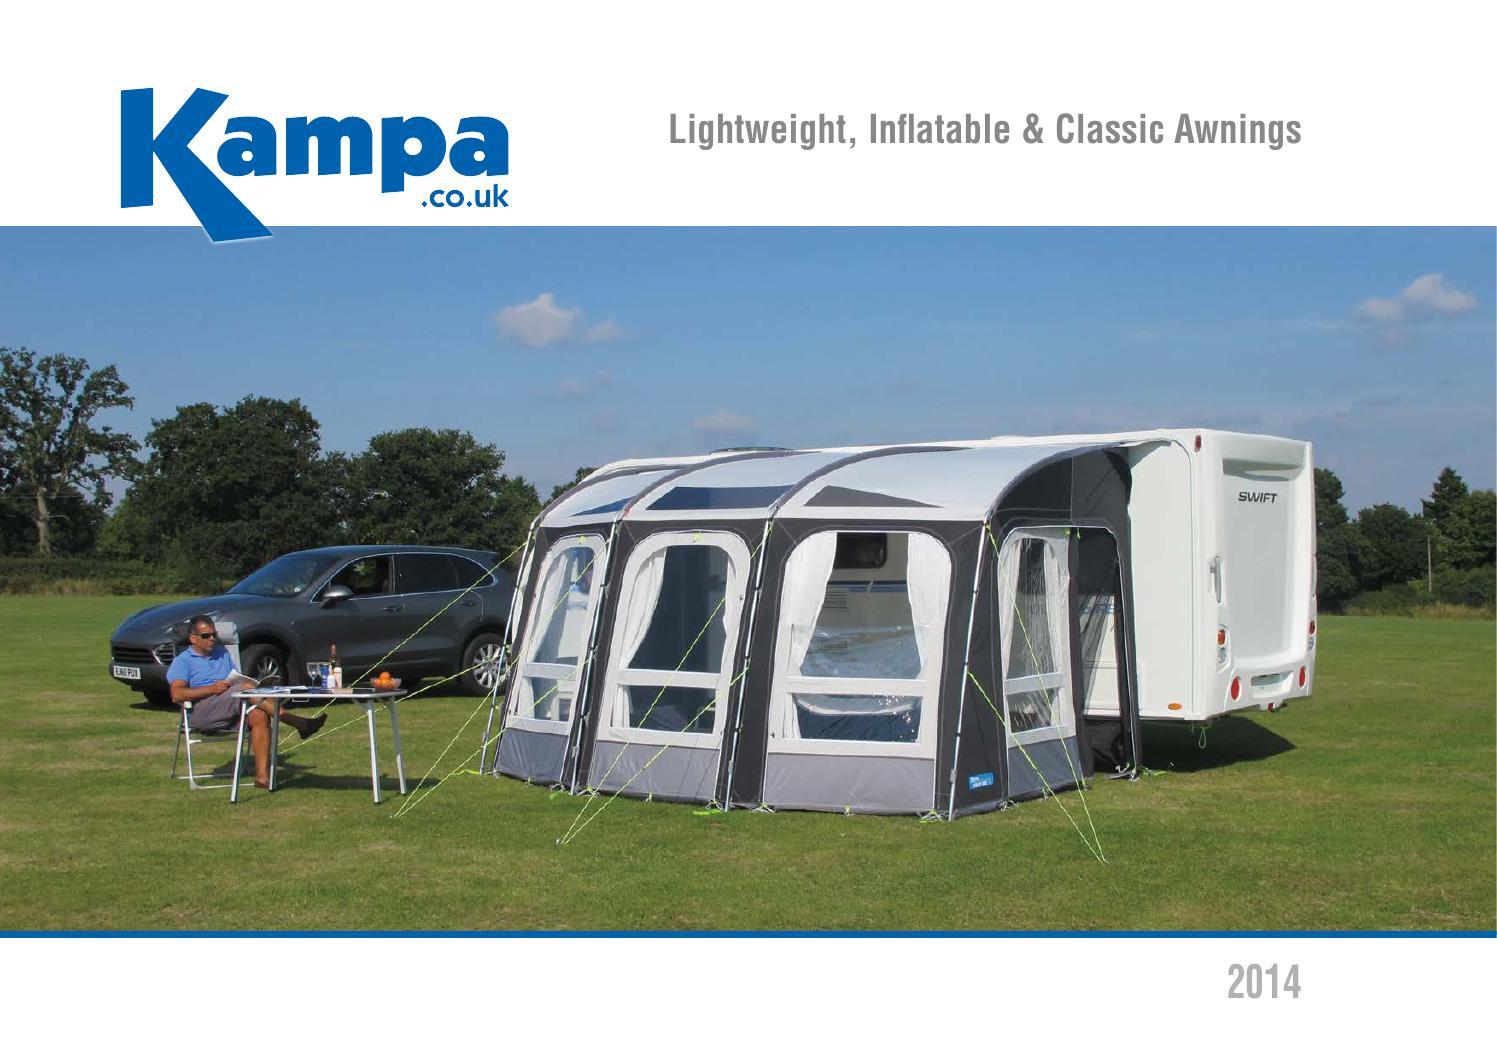 2014 Kampa Caravan Awnings By Venture Caravans Issuu